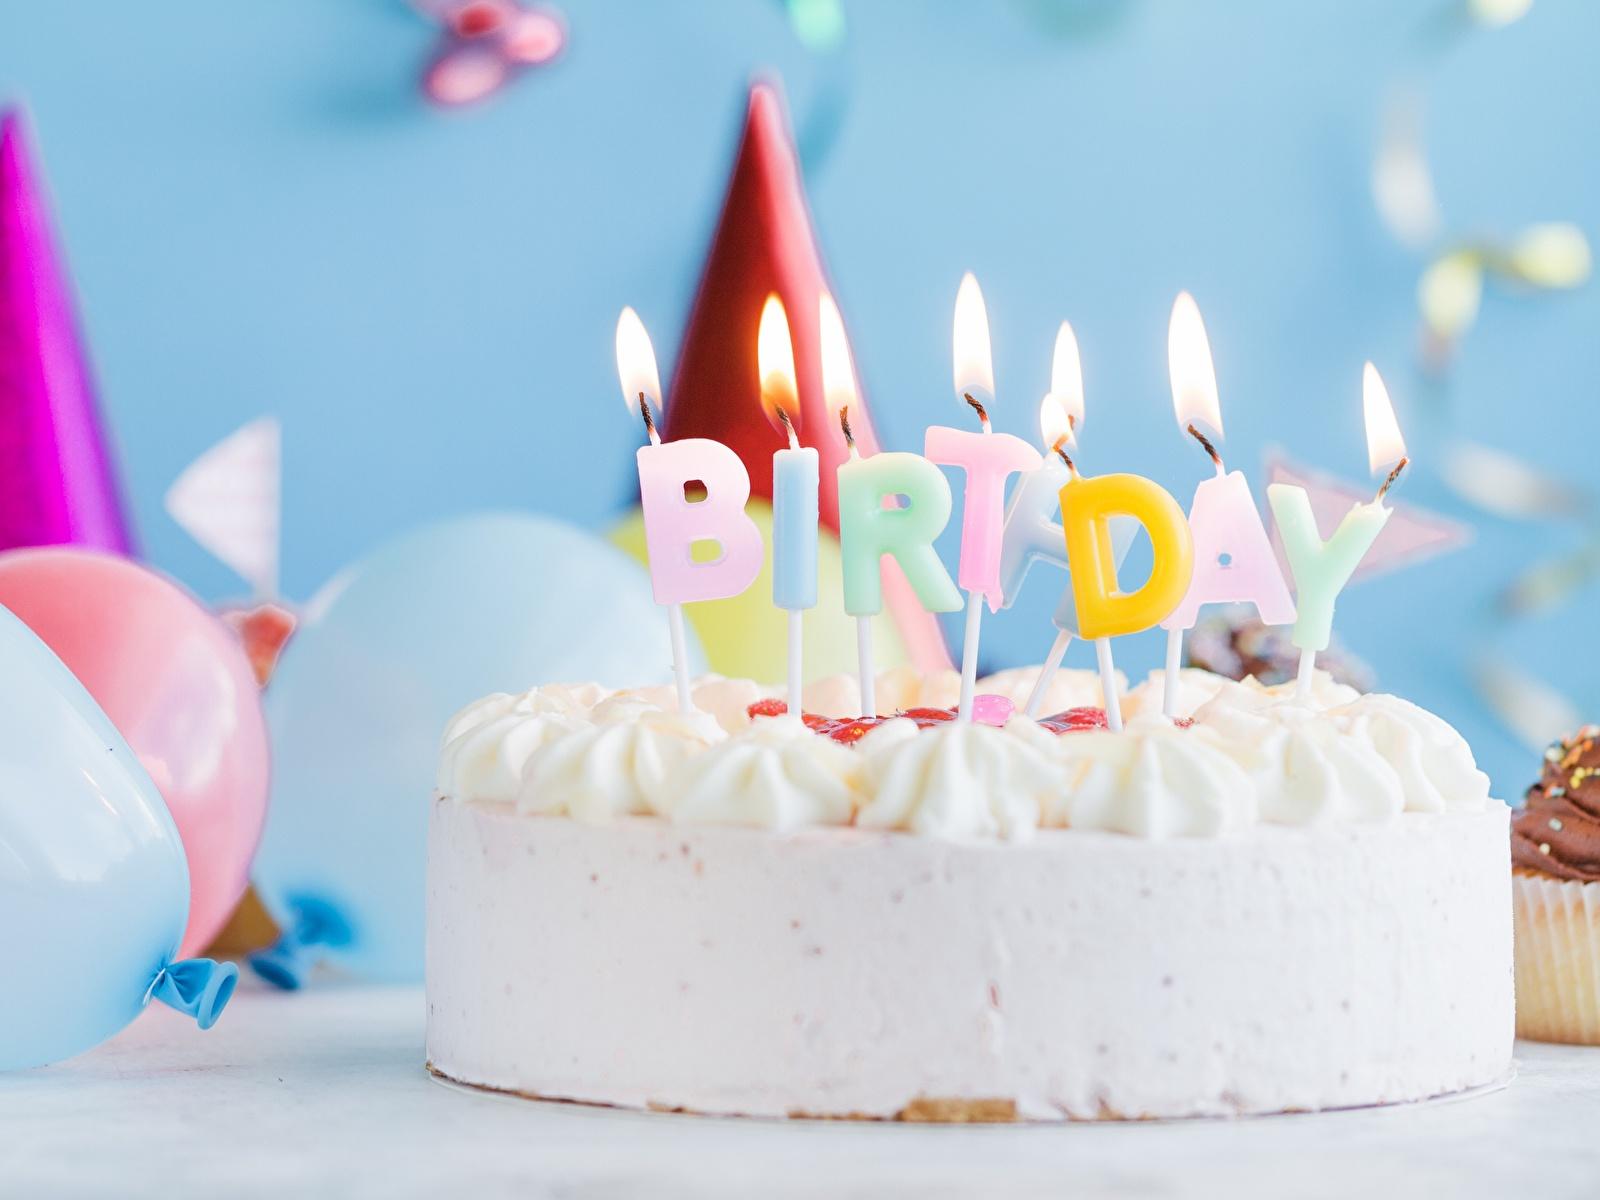 Картинка День рождения Торты Пламя Пища Свечи 1600x1200 Огонь Еда Продукты питания